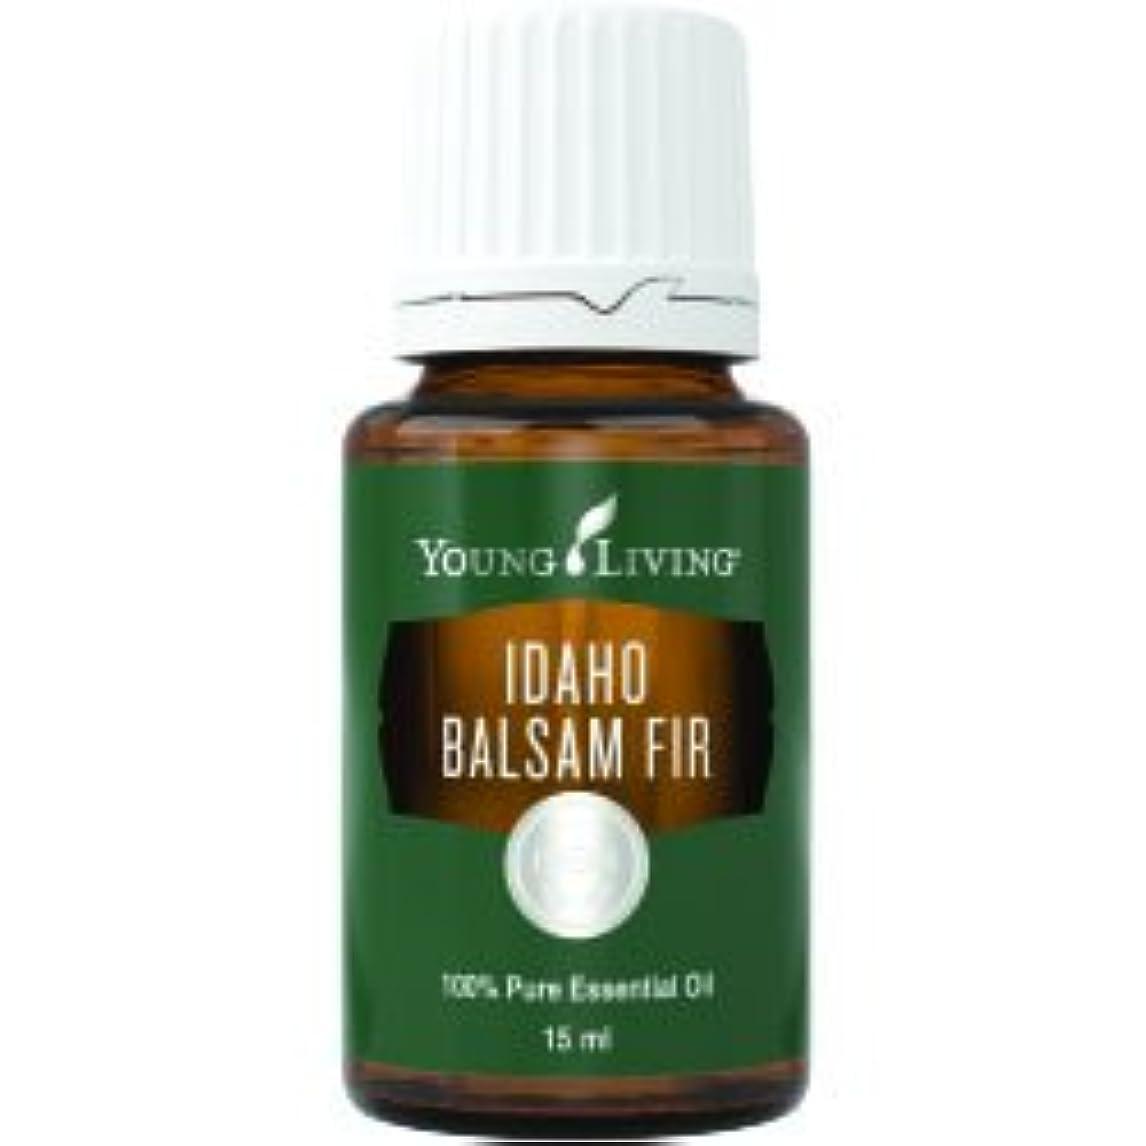 シート枯渇生じるアイダホバルサムモミエッセンシャルオイル15ml by Young Livingエッセンシャルオイルマレーシア Idaho Balsam Fir Essential Oil 15ml by Young Living Essential...